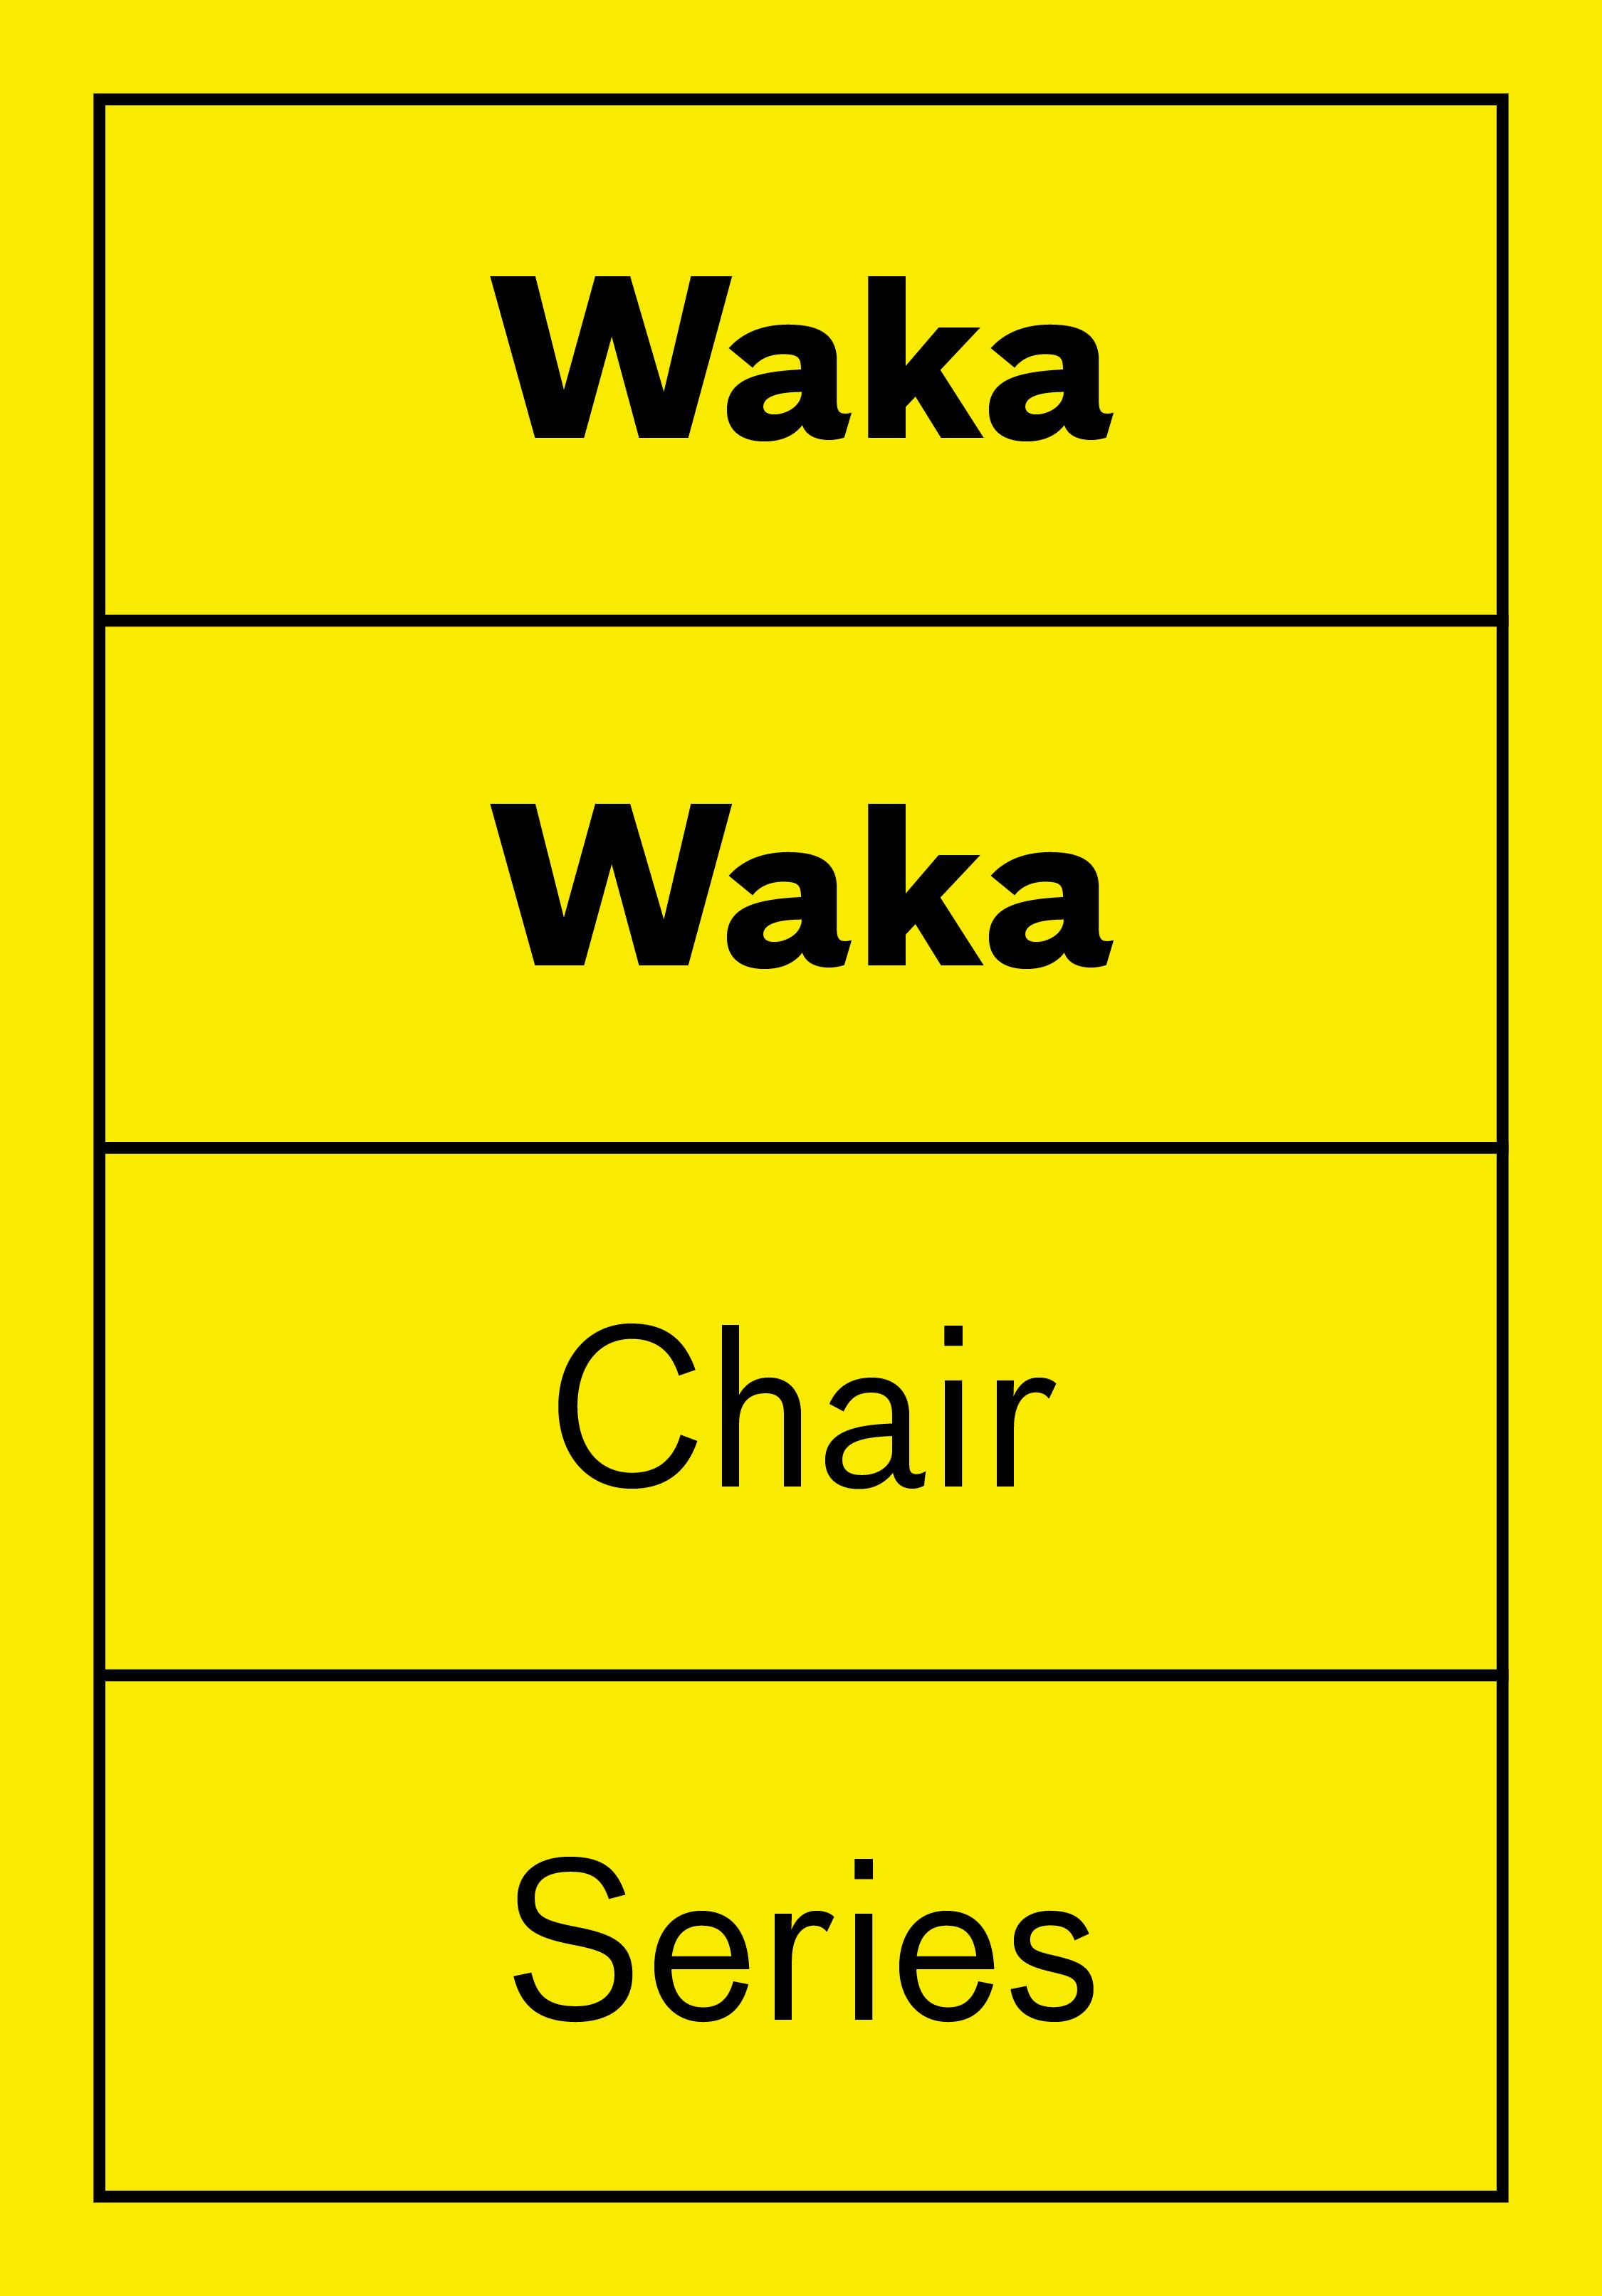 WAKA_WAKA_ChairSeries.jpg